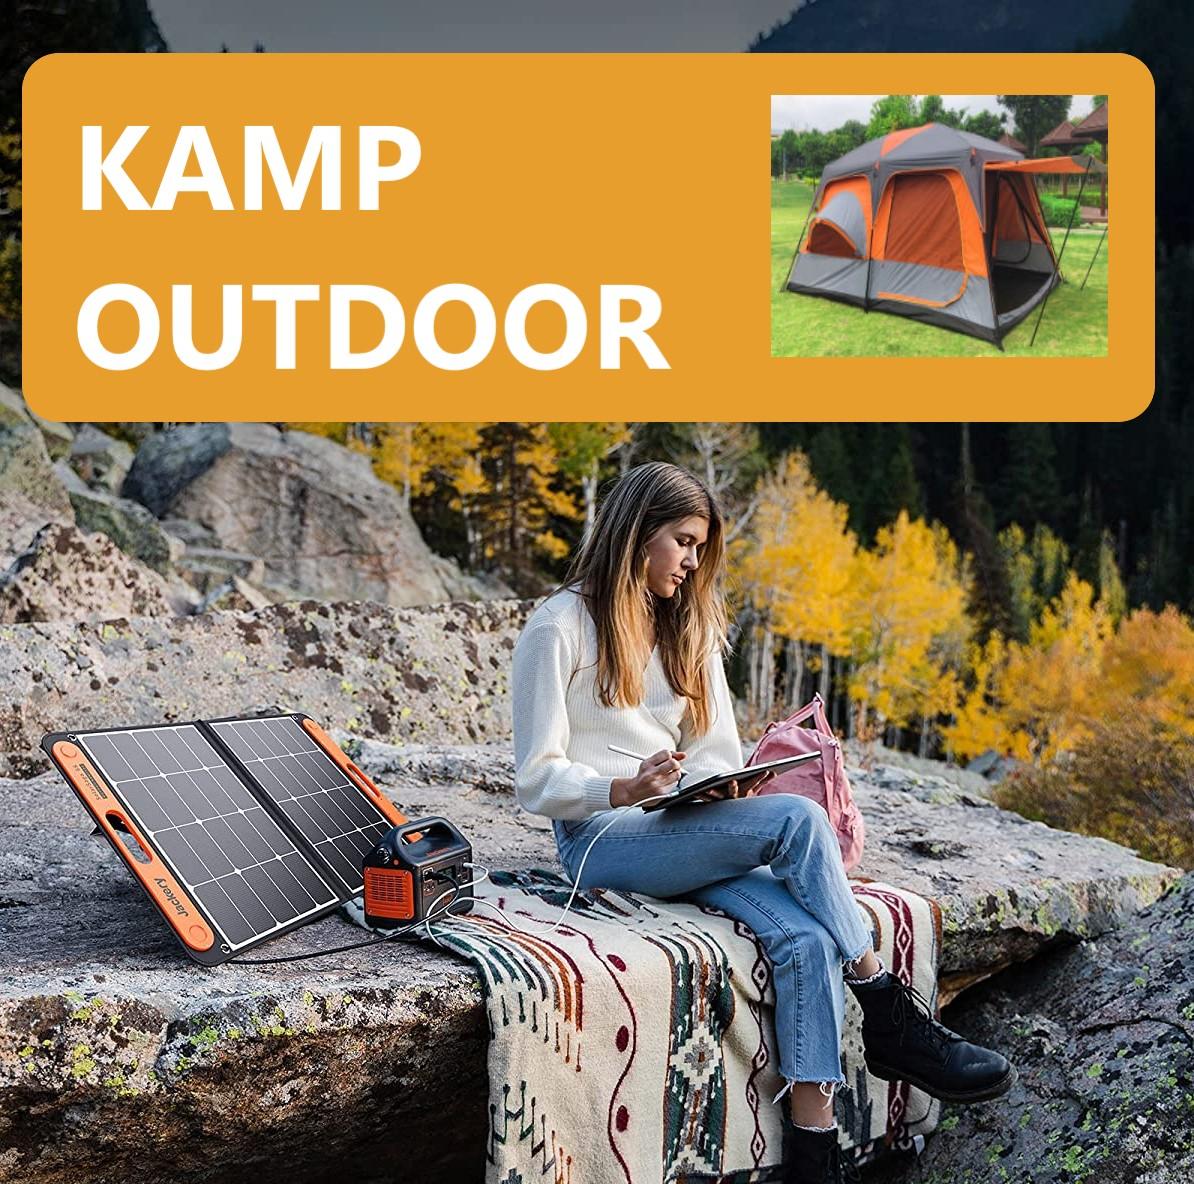 kamp outdoor